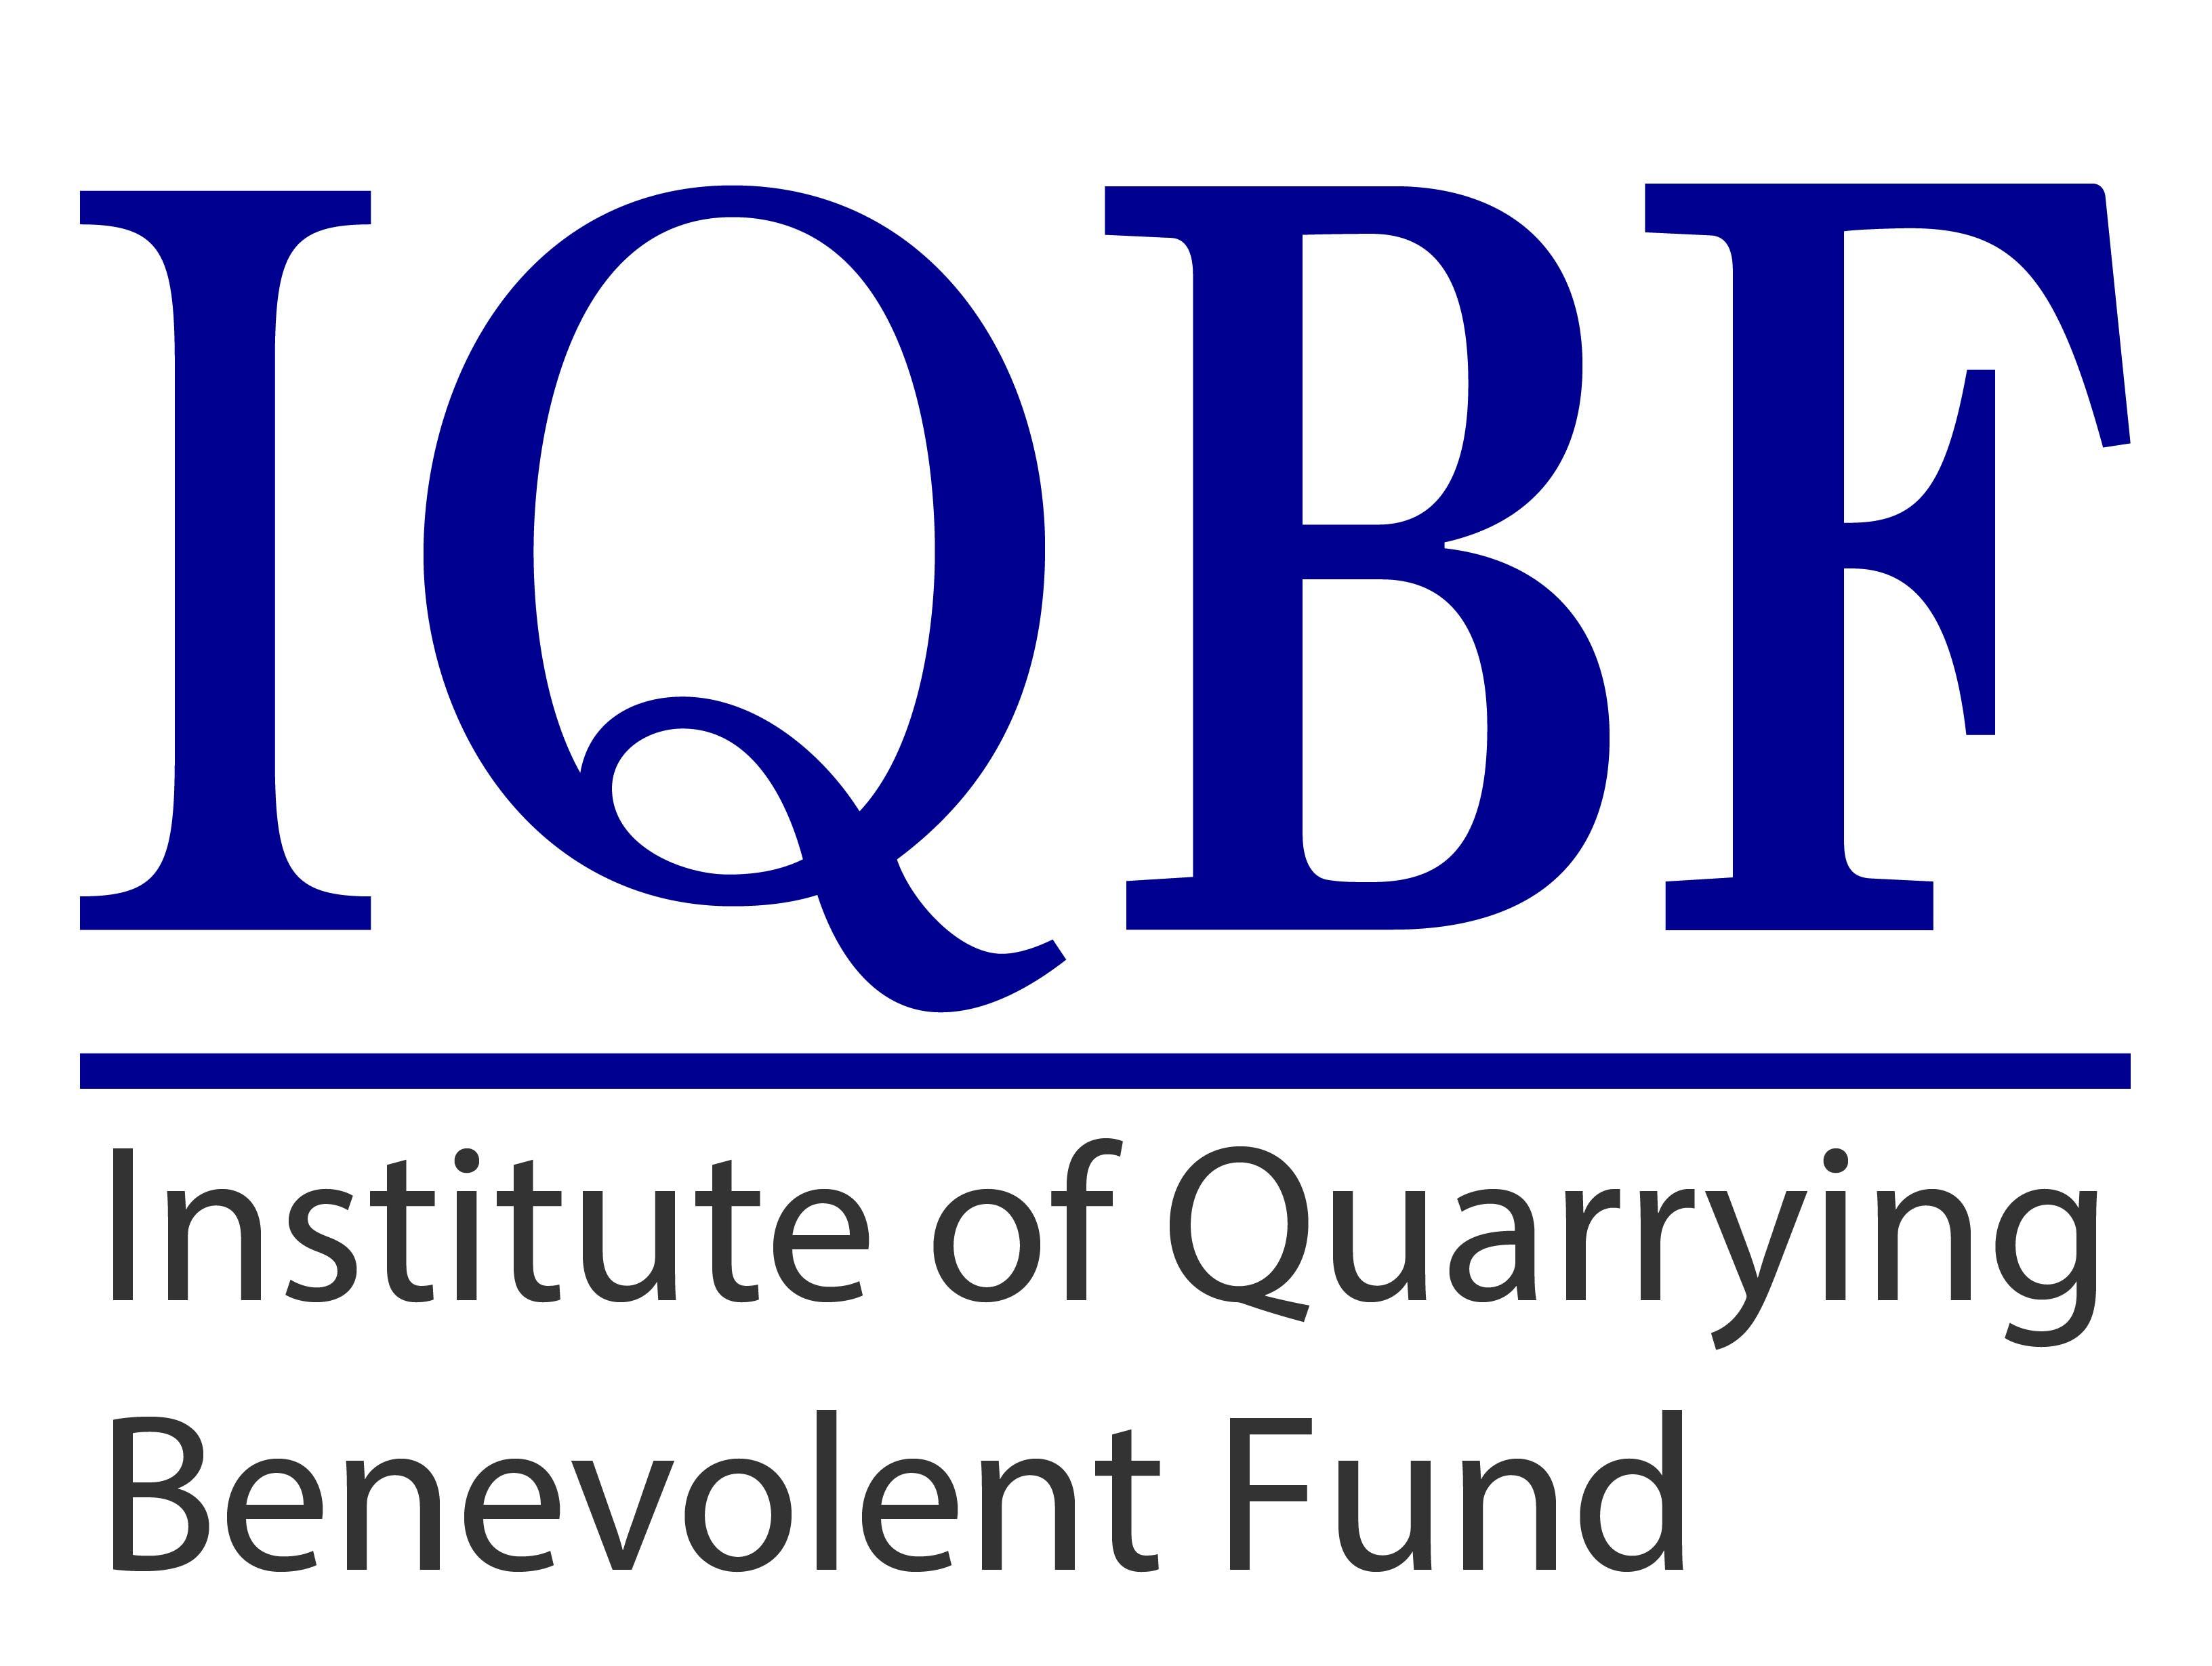 IQ Benevolent Fund